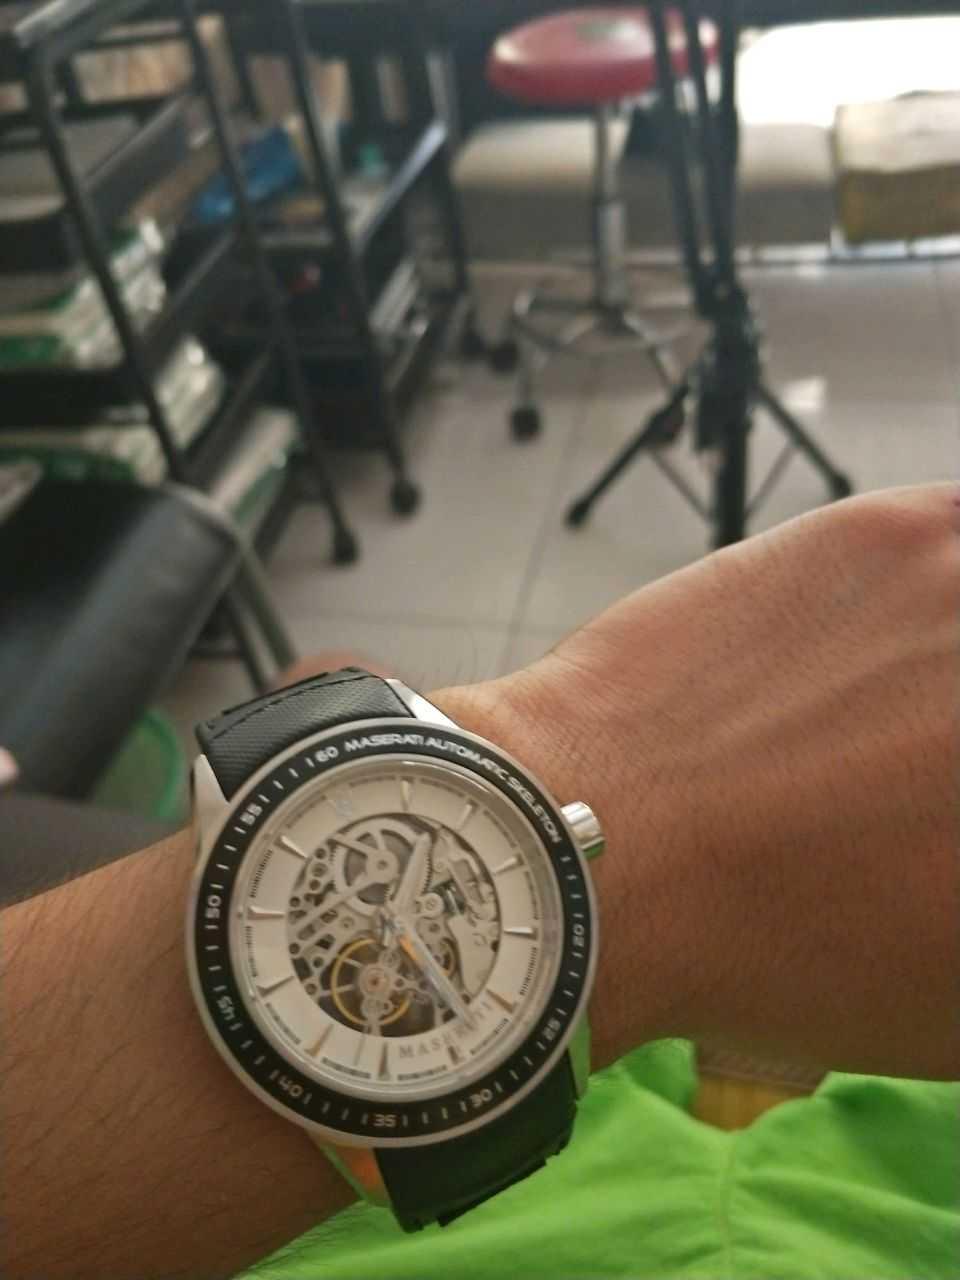 玛莎拉蒂R8821110003手表【表友晒单作业】东西回来了...